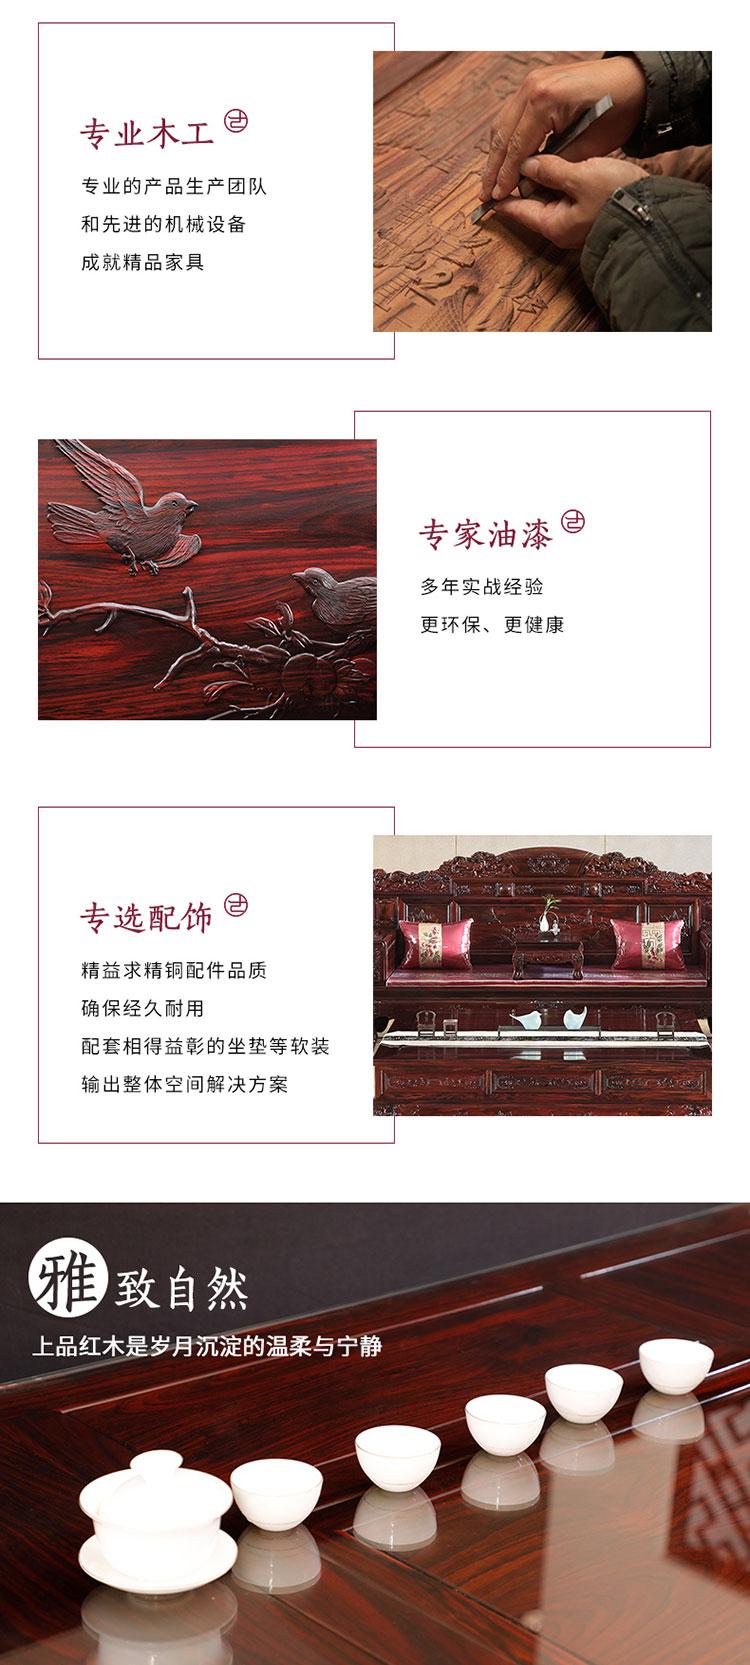 古森红木 明式茶台.jpg